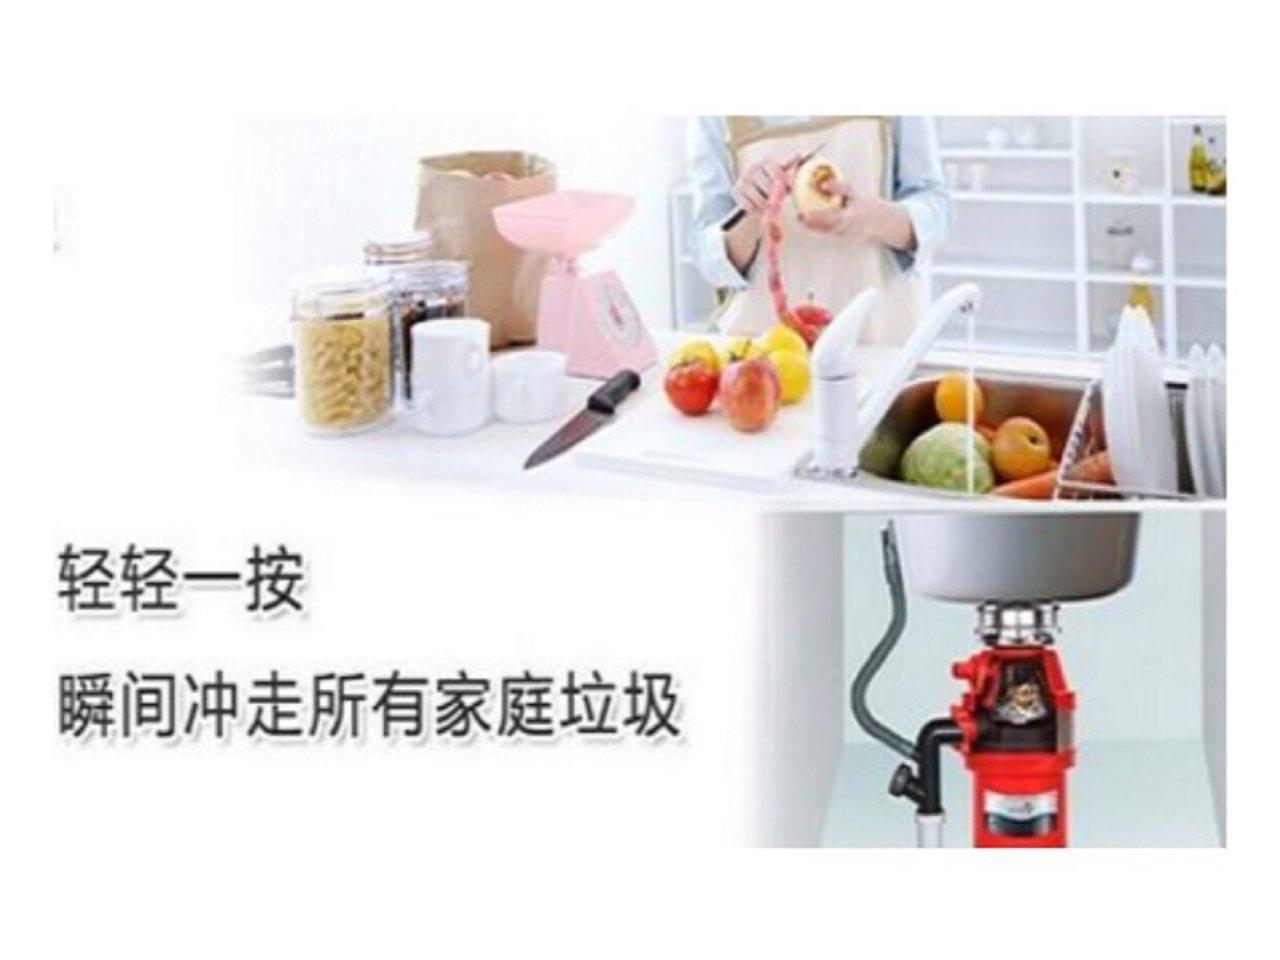 如何使用并清洁保养厨房垃圾处理器【主妇生活小撇步①】